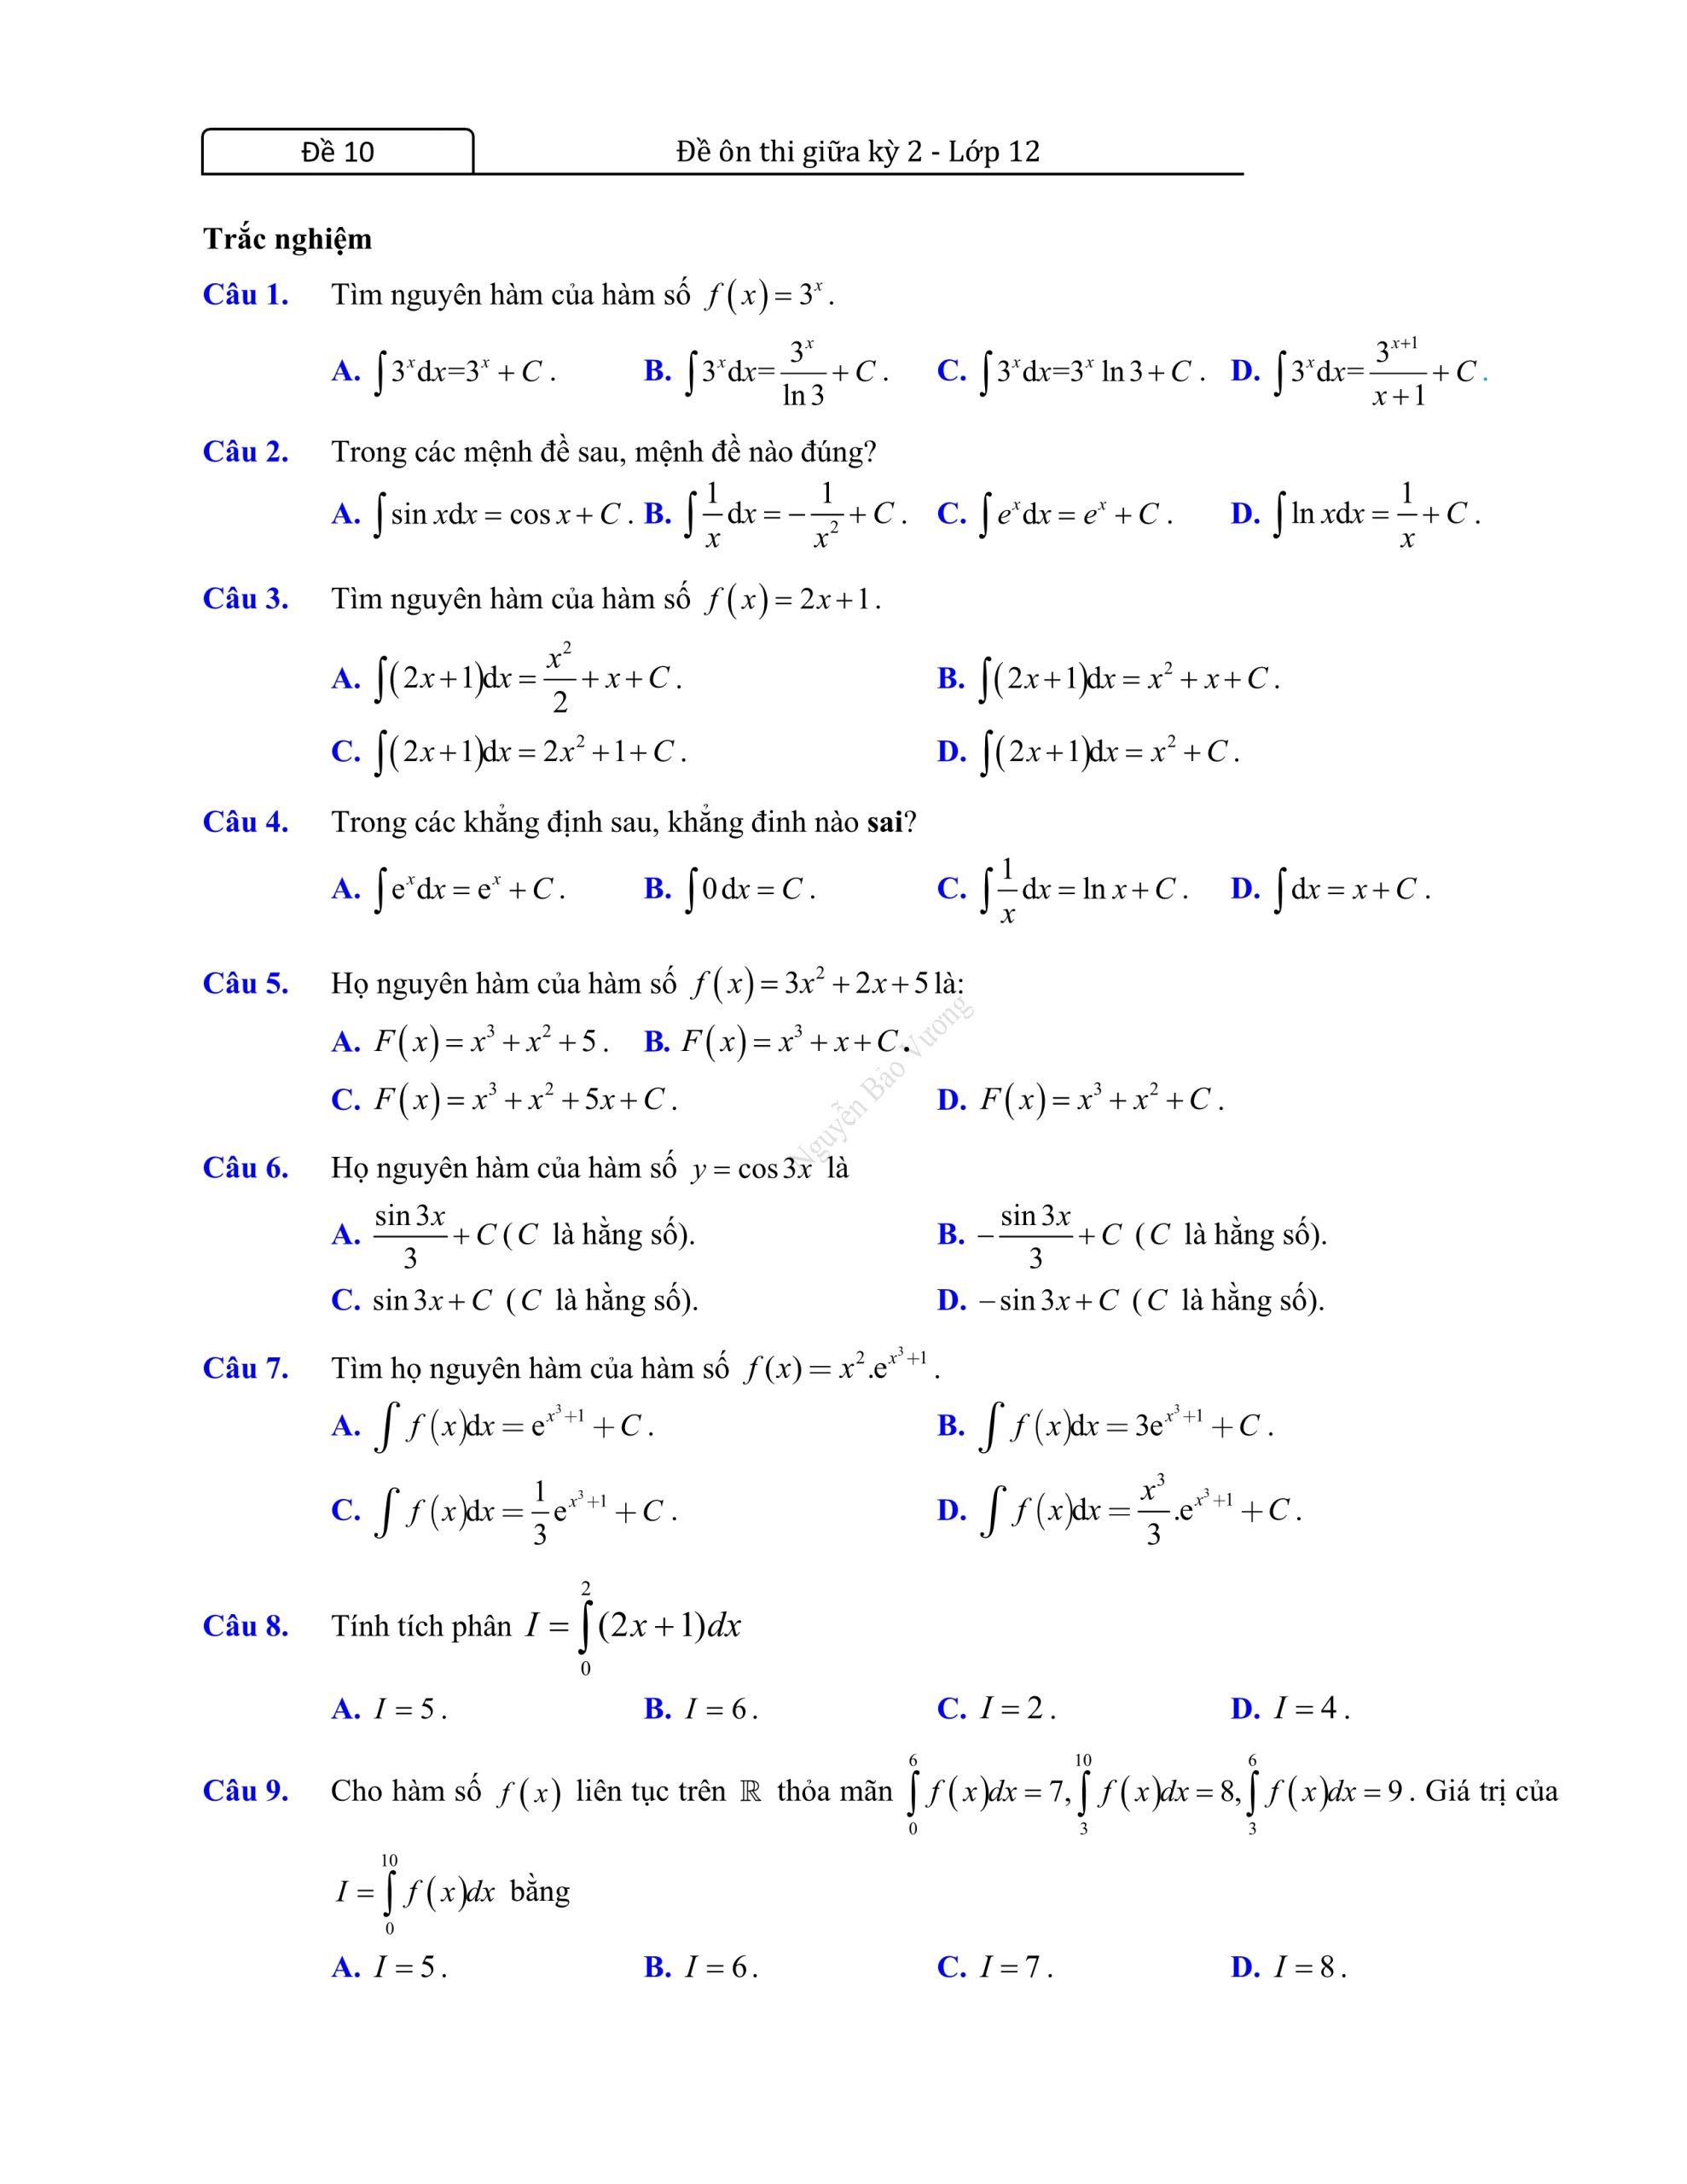 Đề thi giữa hk2 toán 12 có đáp án dễ hiểu và hay 2021